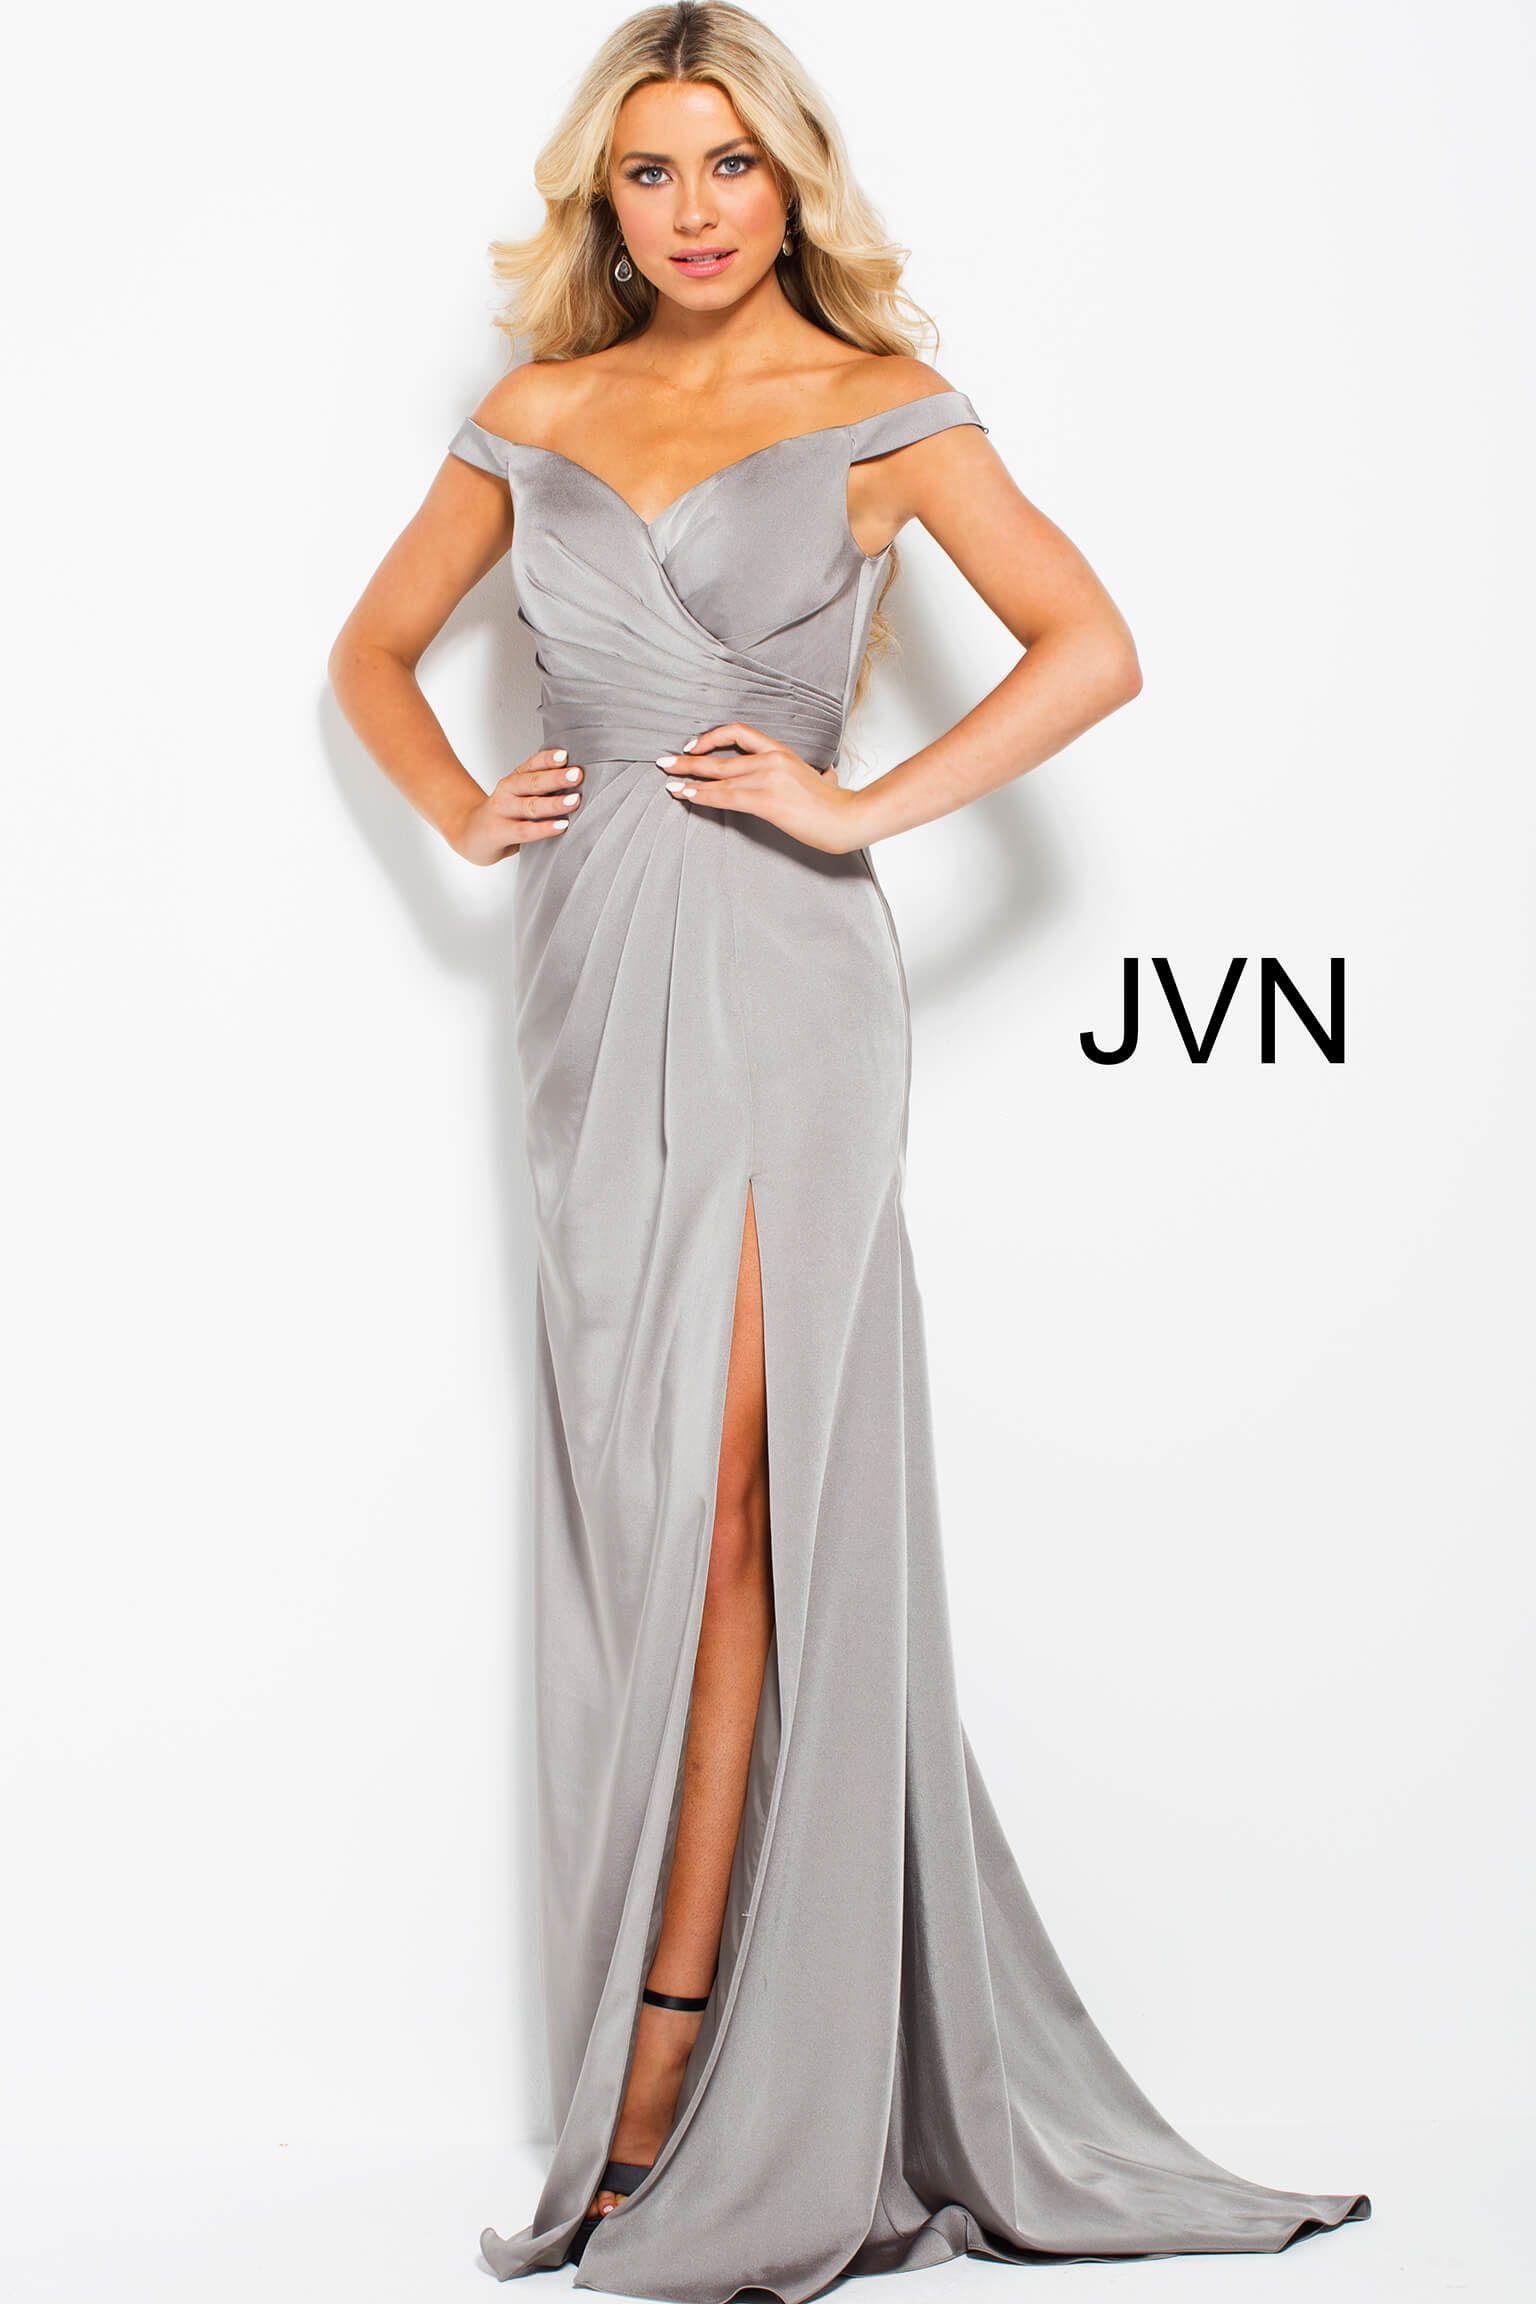 Jvn by jovani jvn international prom association promdress